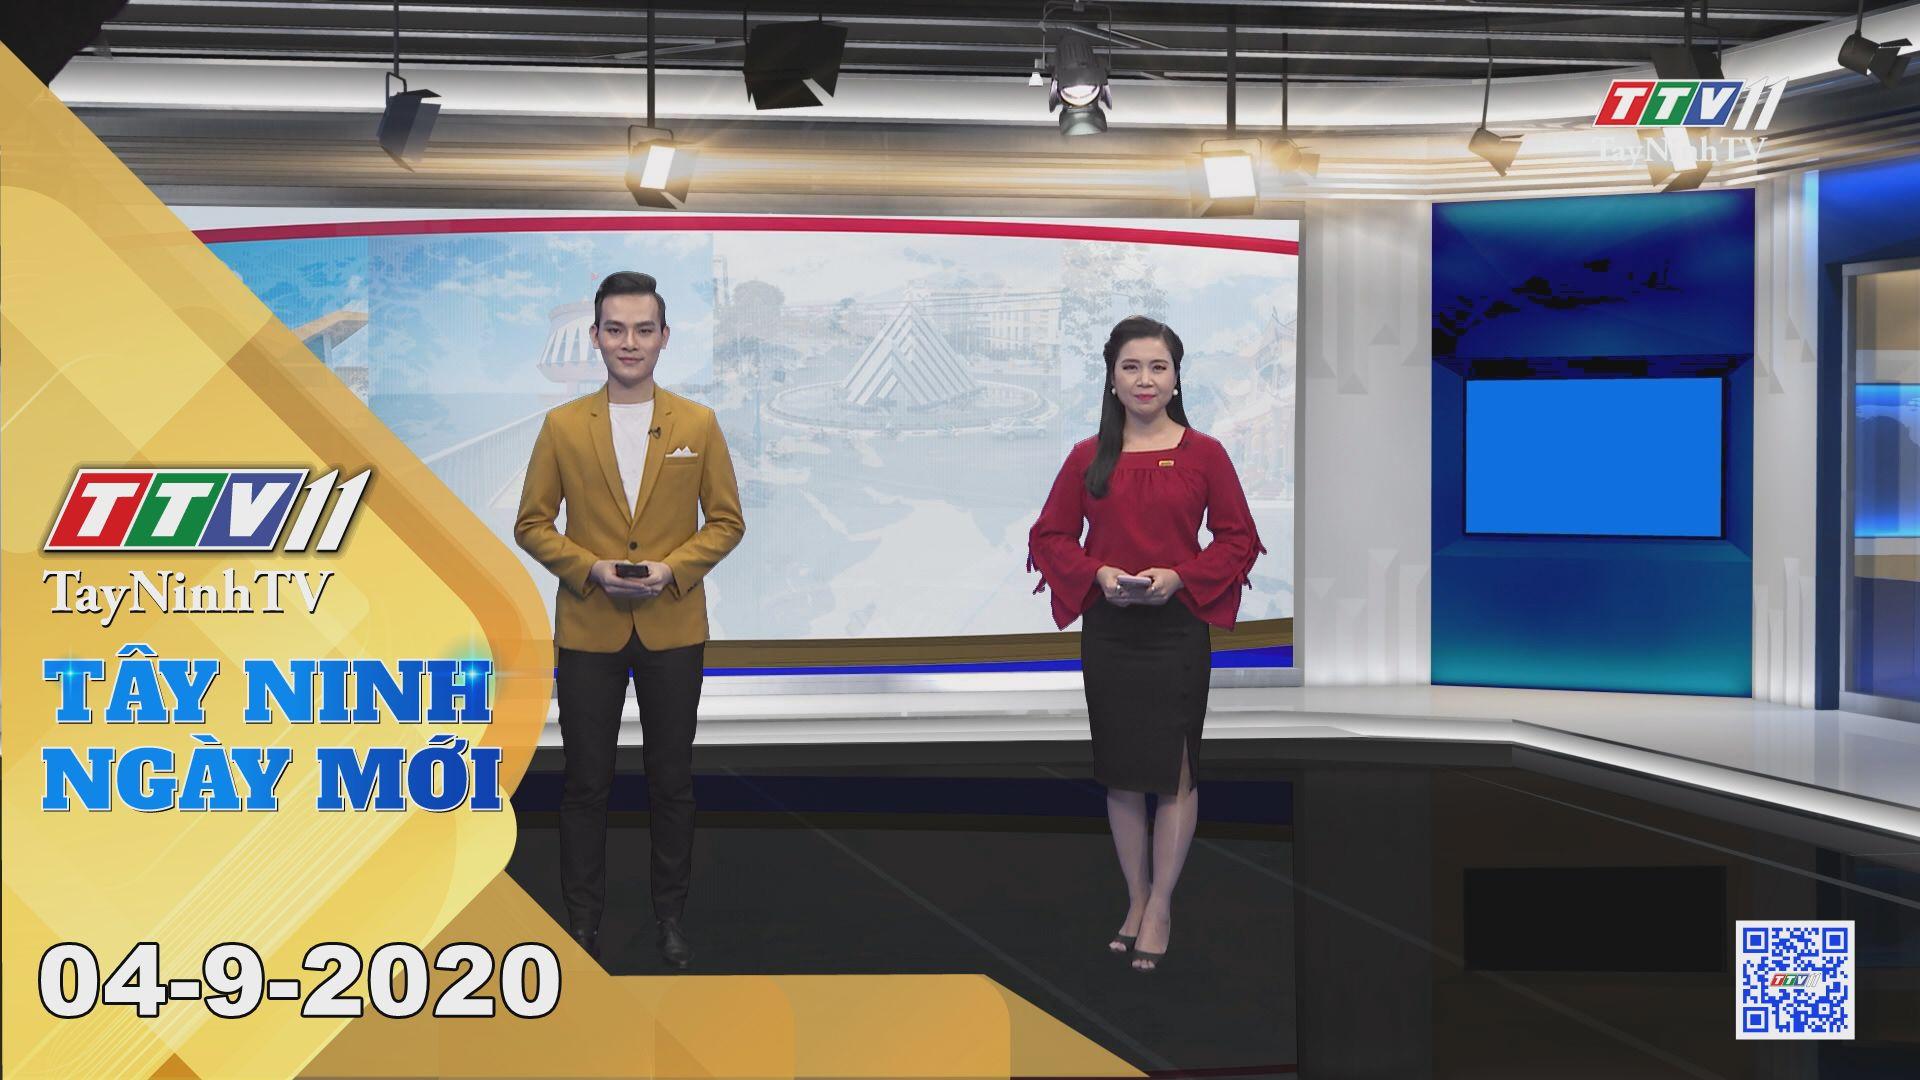 Tây Ninh Ngày Mới 04-9-2020 | Tin tức hôm nay | TayNinhTV